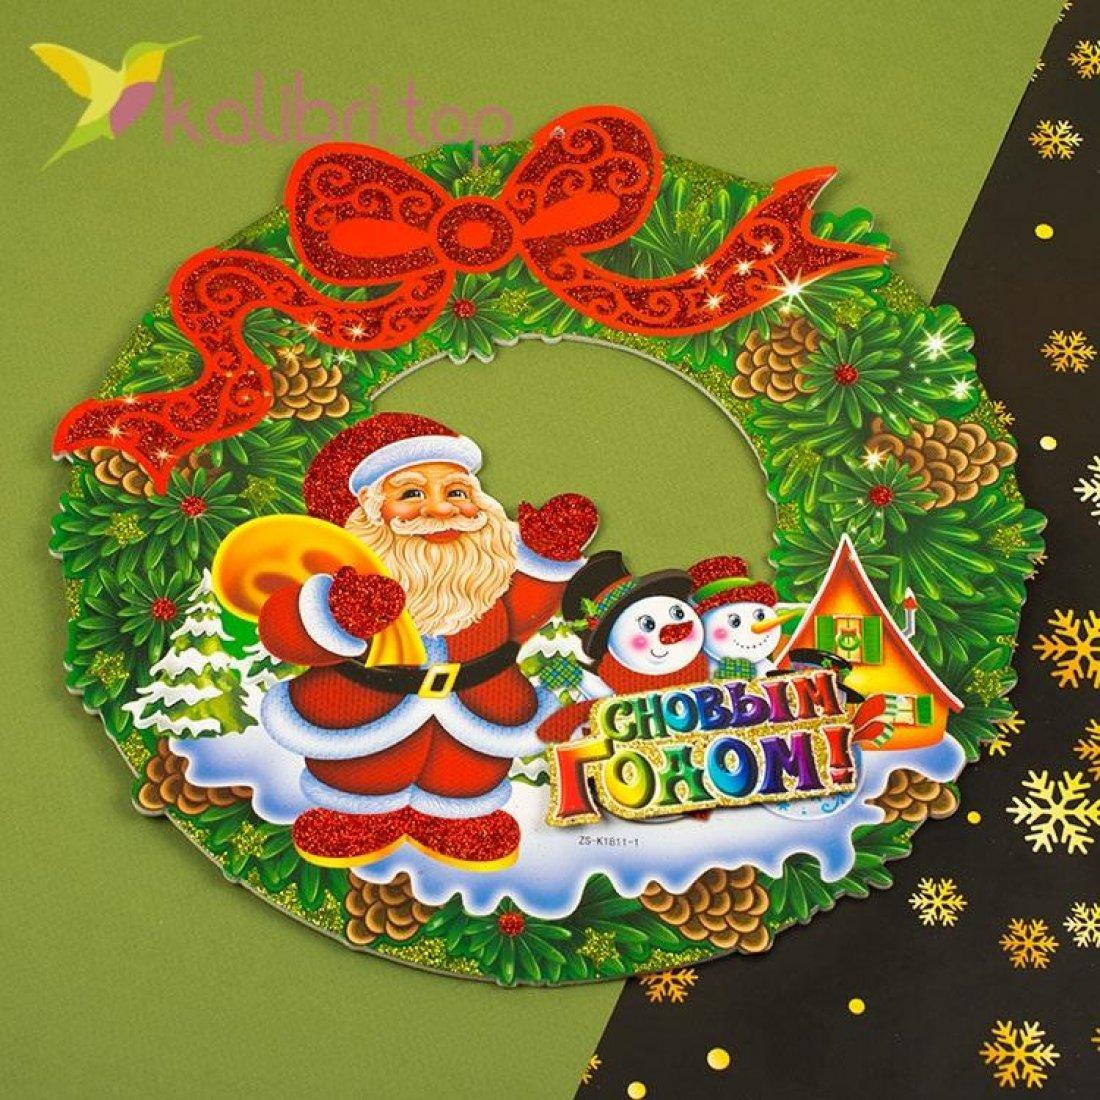 Новогодние украшения для окон, дверей снеговики из пенопласта, оптом фото 1